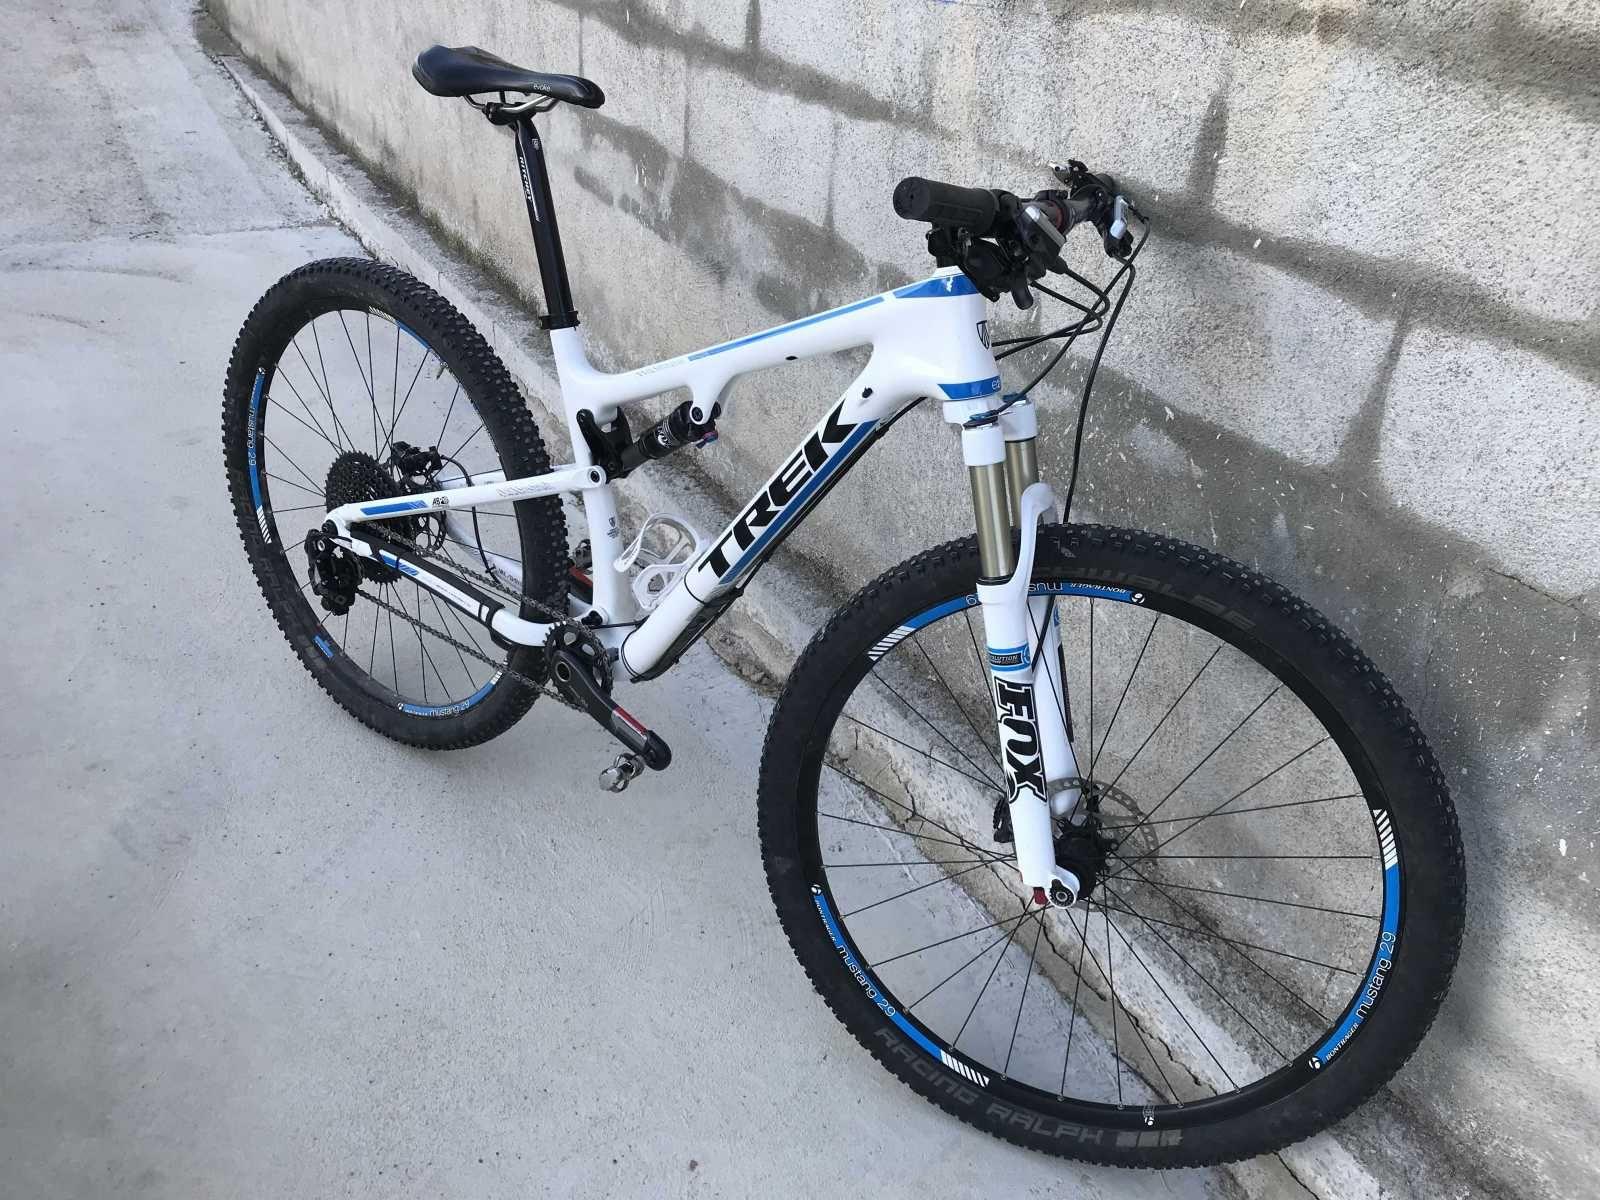 Bicicleta De Montaña Trek Superfly Ref 45465 Talla M Año 2014 Cambio Sram X01 Cuadro De Carbono Sus Bicicletas Bicicletas De Montaña Trek Bicicletas Mtb